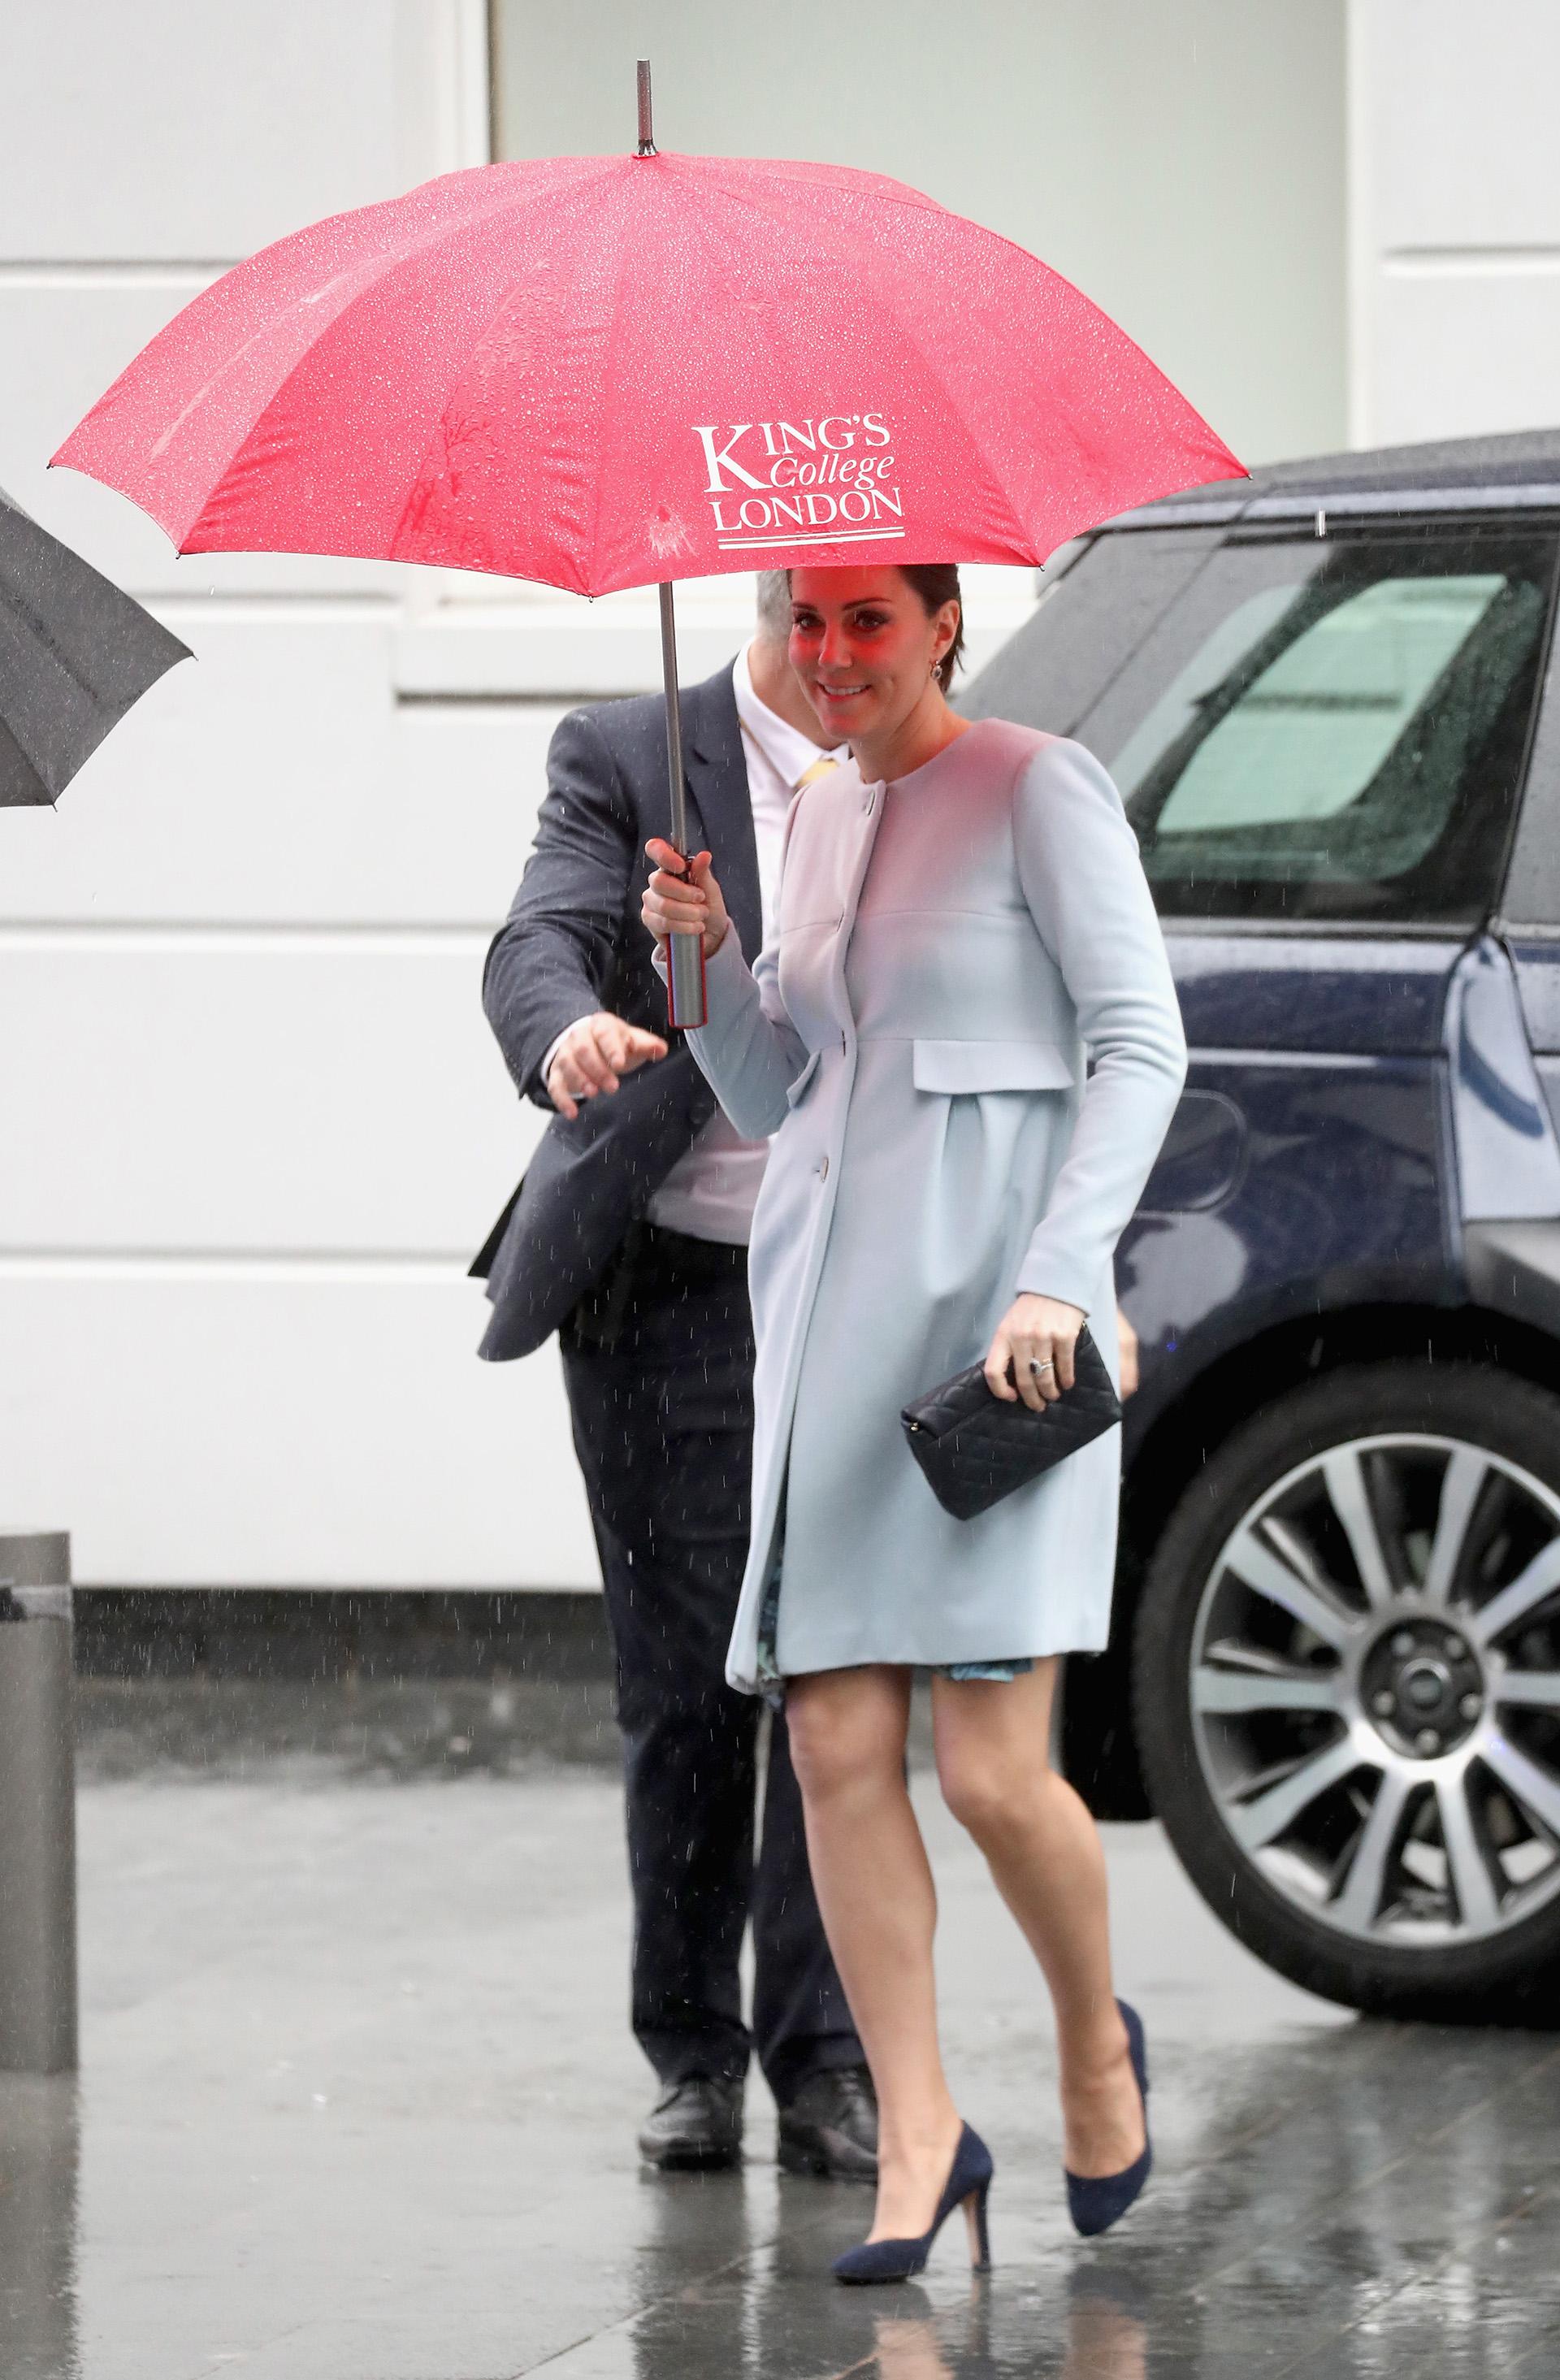 Catalina de Cambridge arriba al Kings College durante una visita al Instituto Maurice Wohl Clinical Neuroscience, en Londres